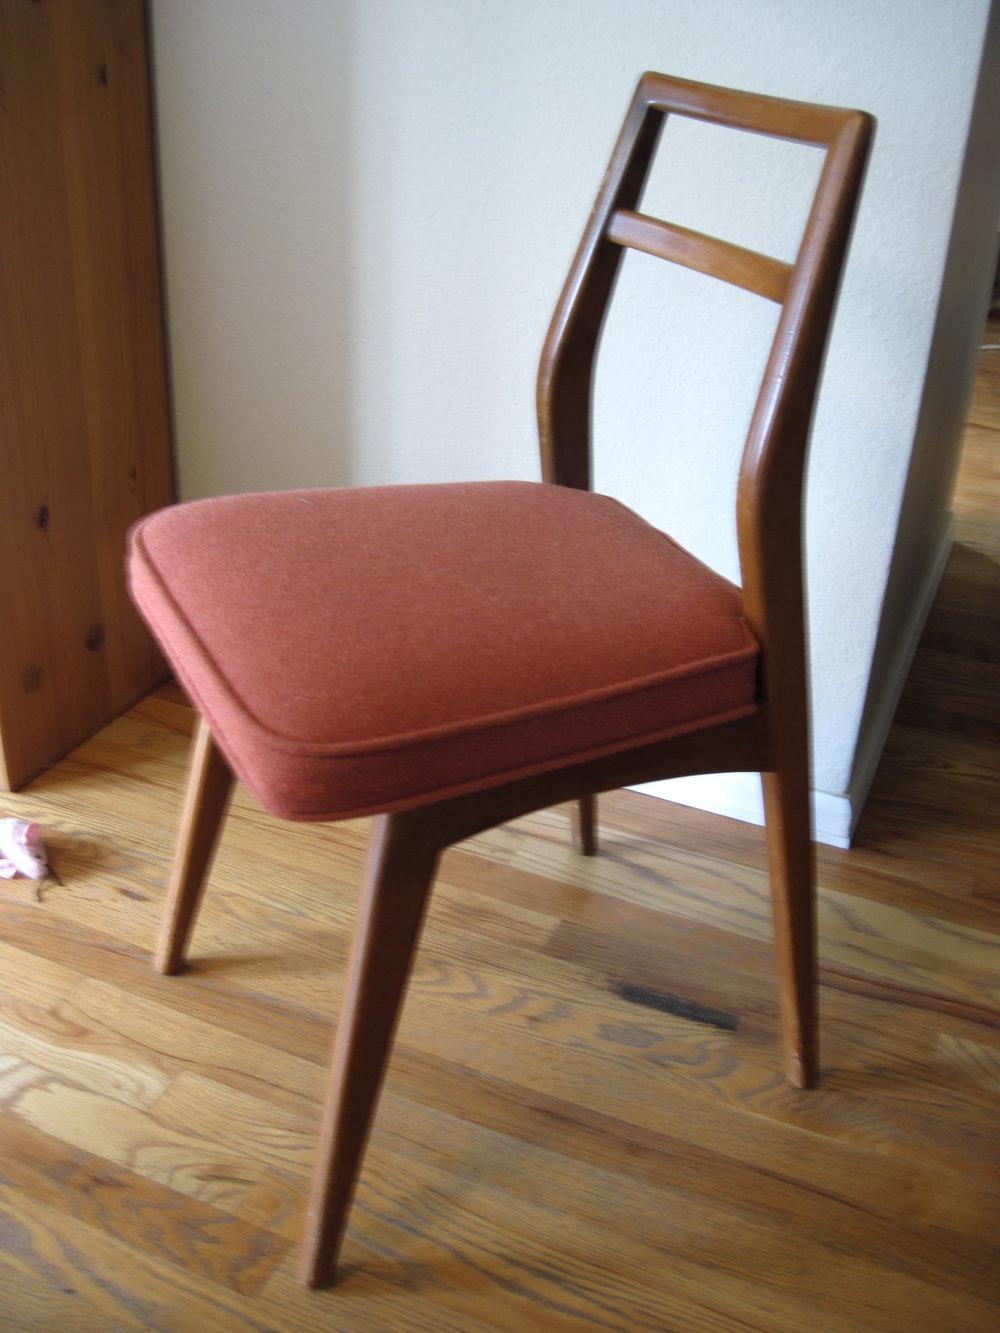 heirloom-chair-2.jpg